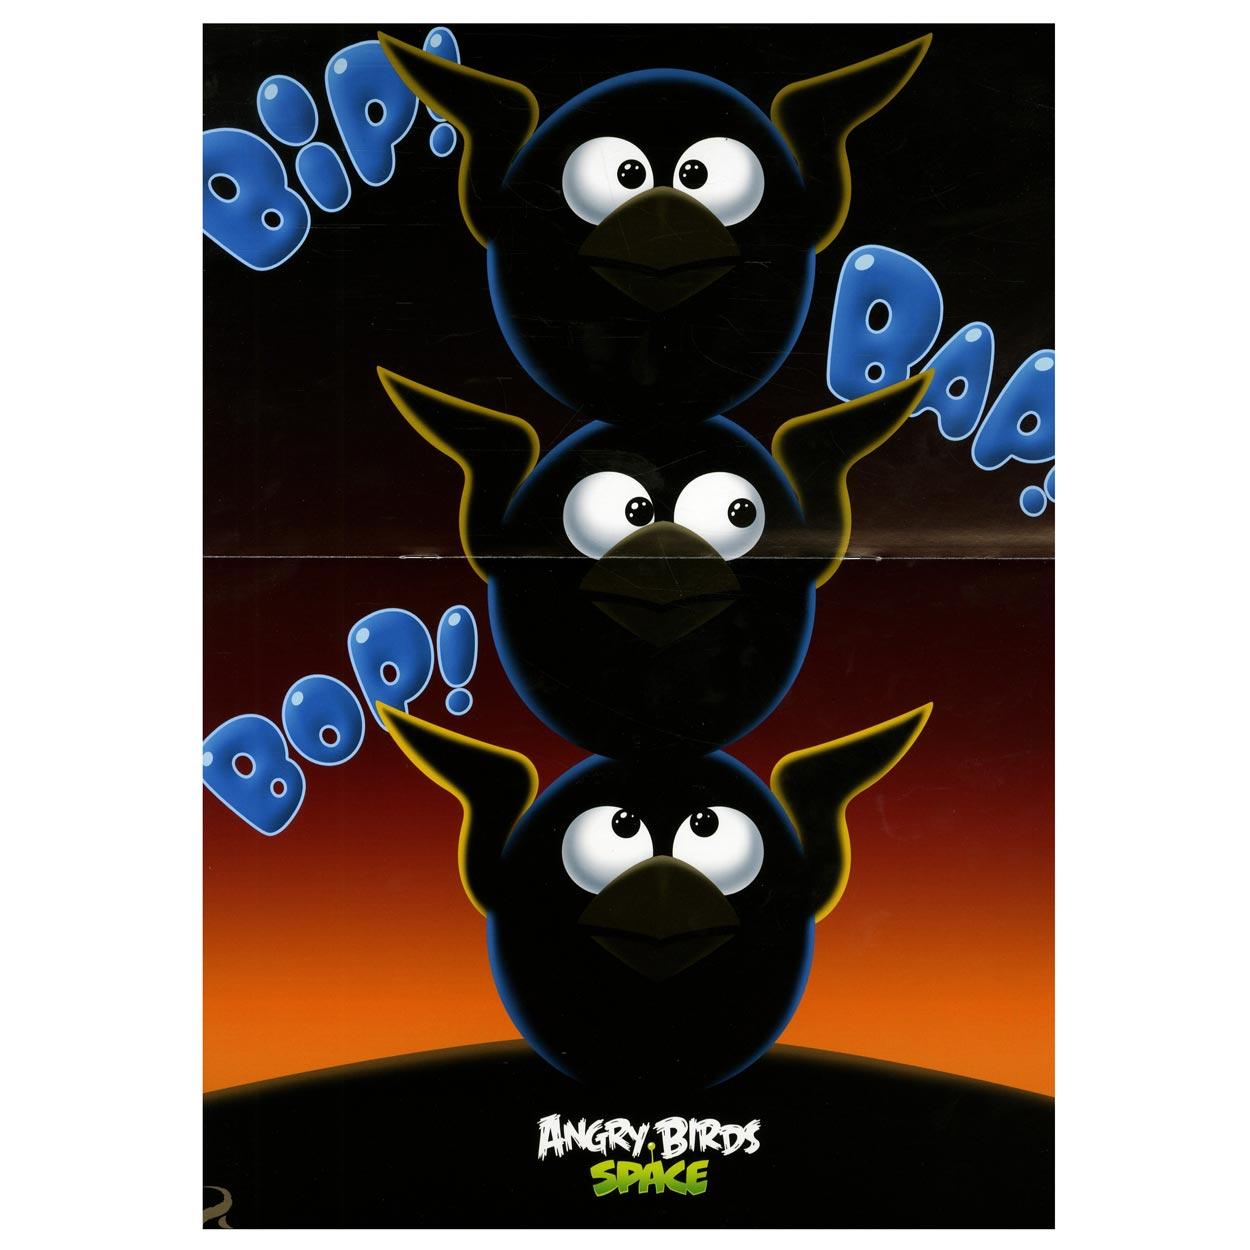 angry birds posterboek online kopen lobbesnl